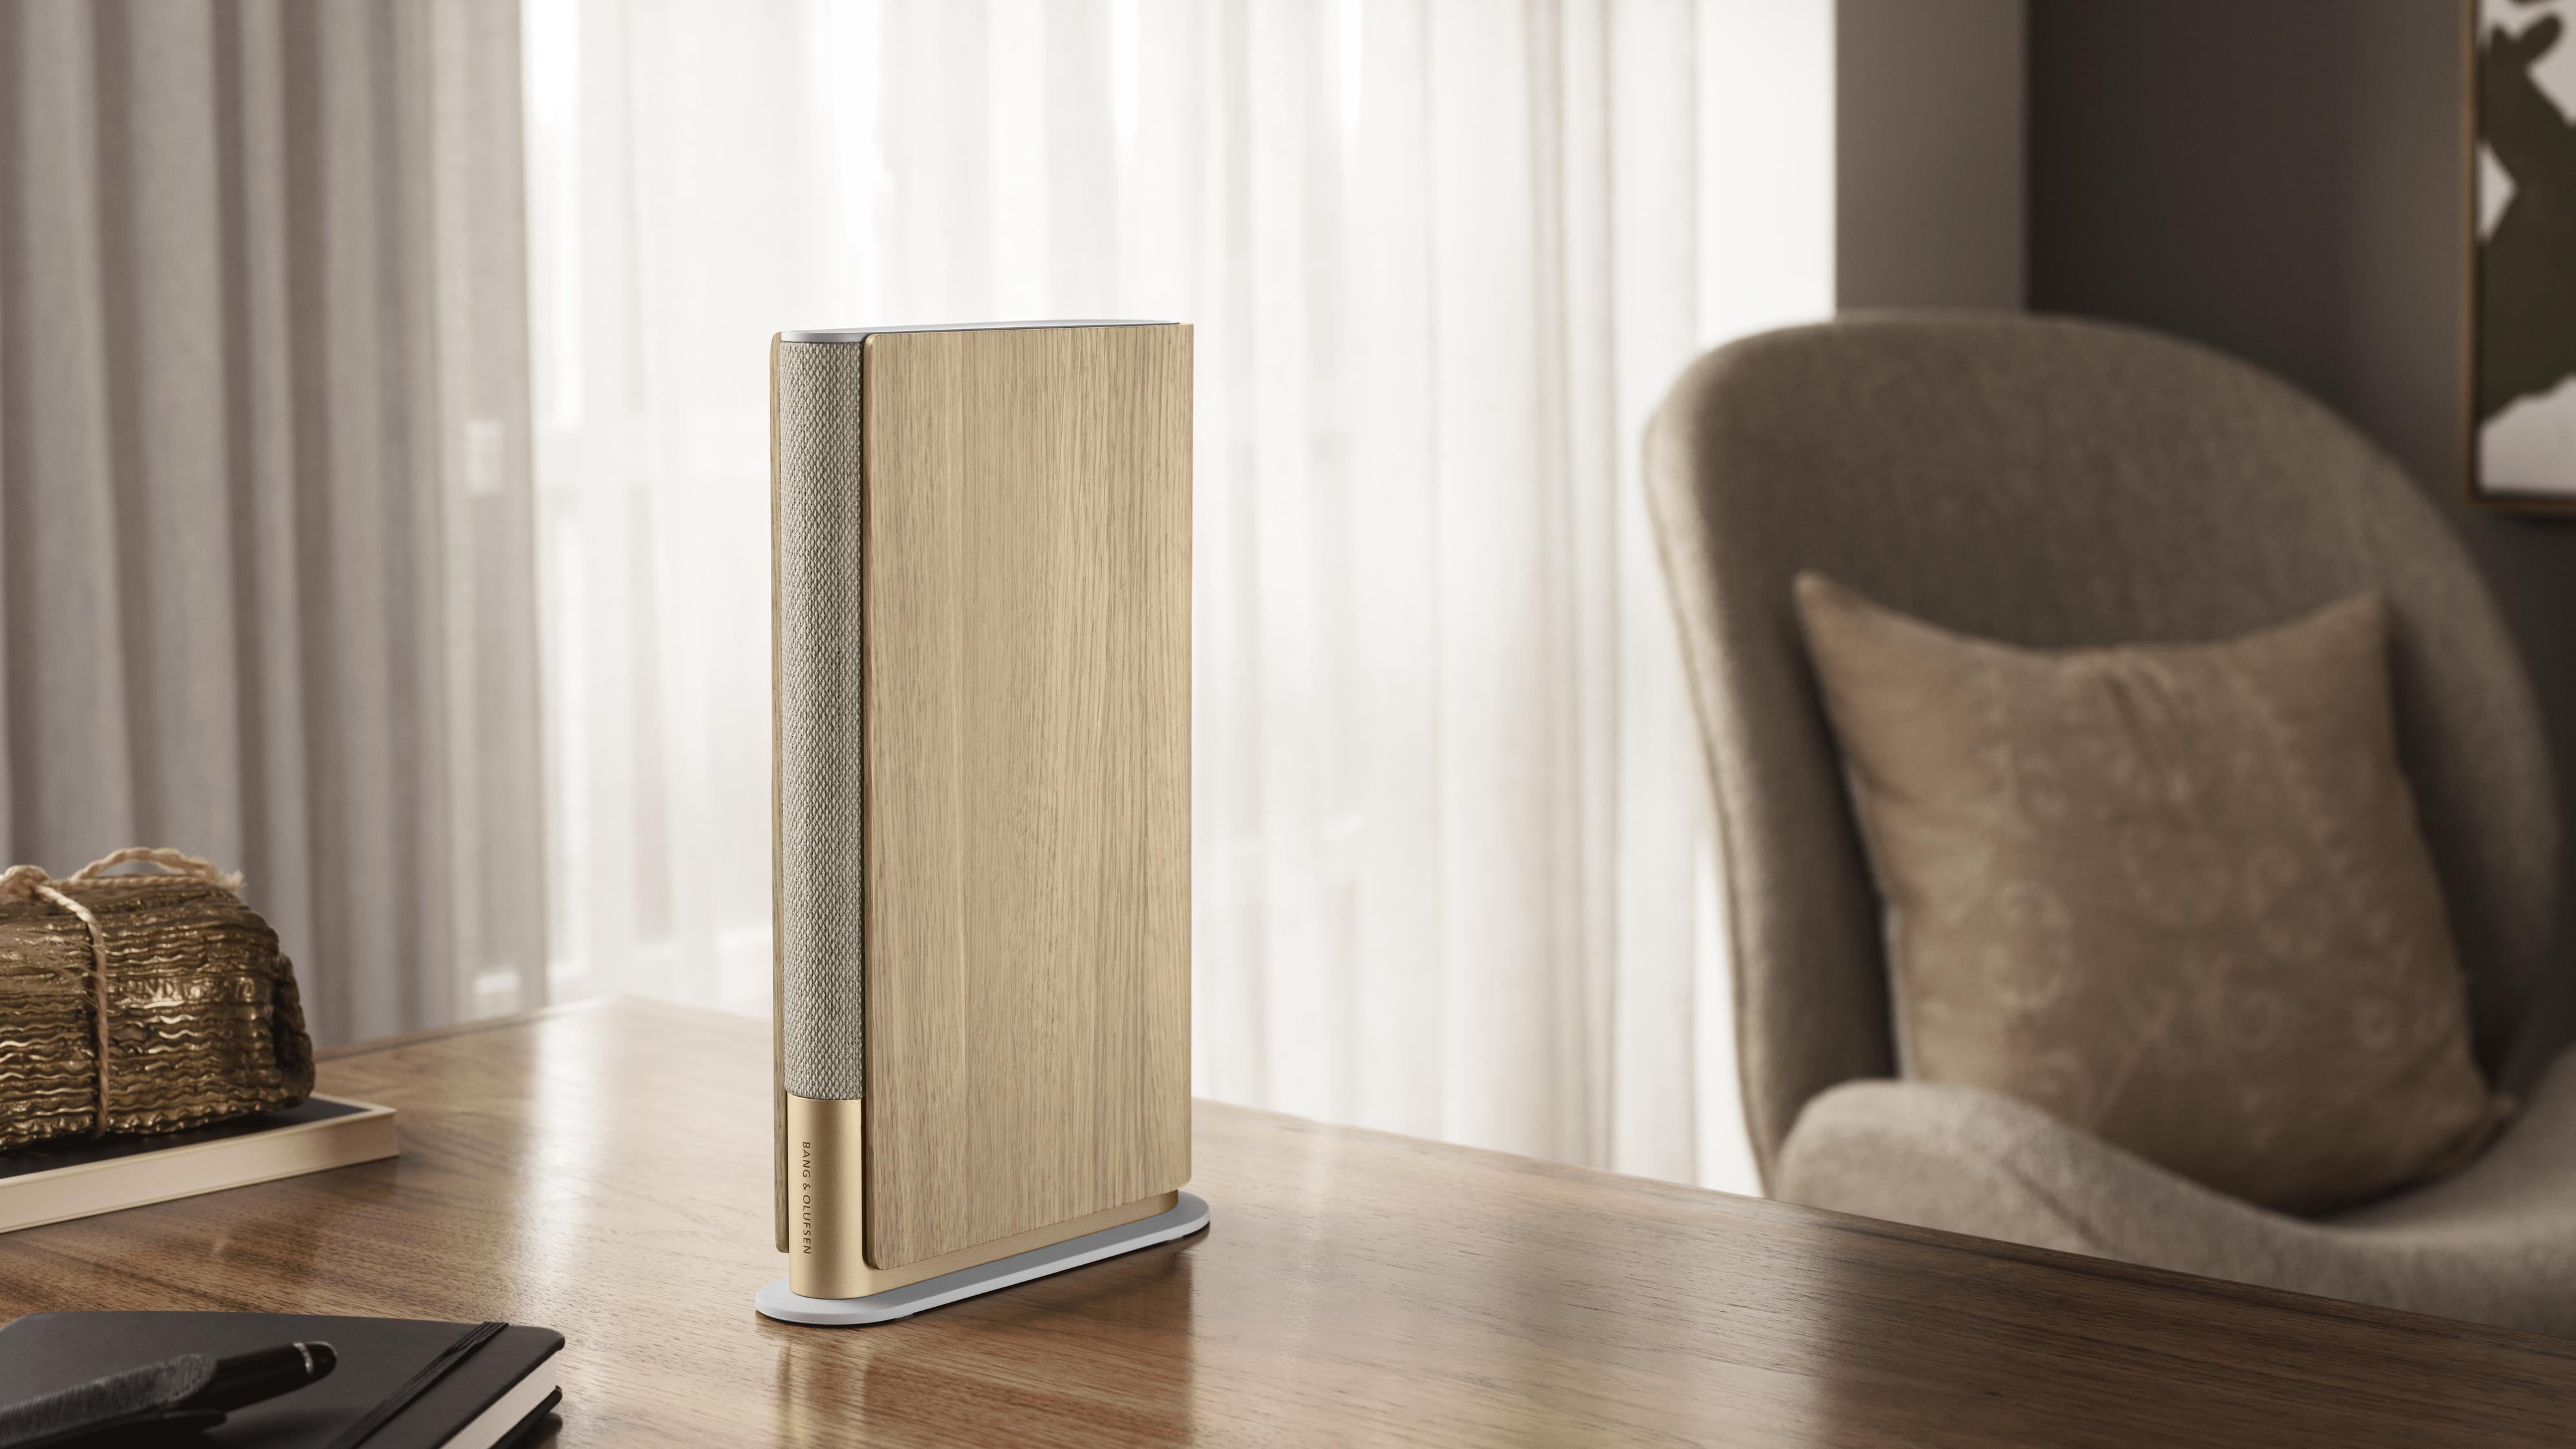 Denne høyttaleren er laget som en bok